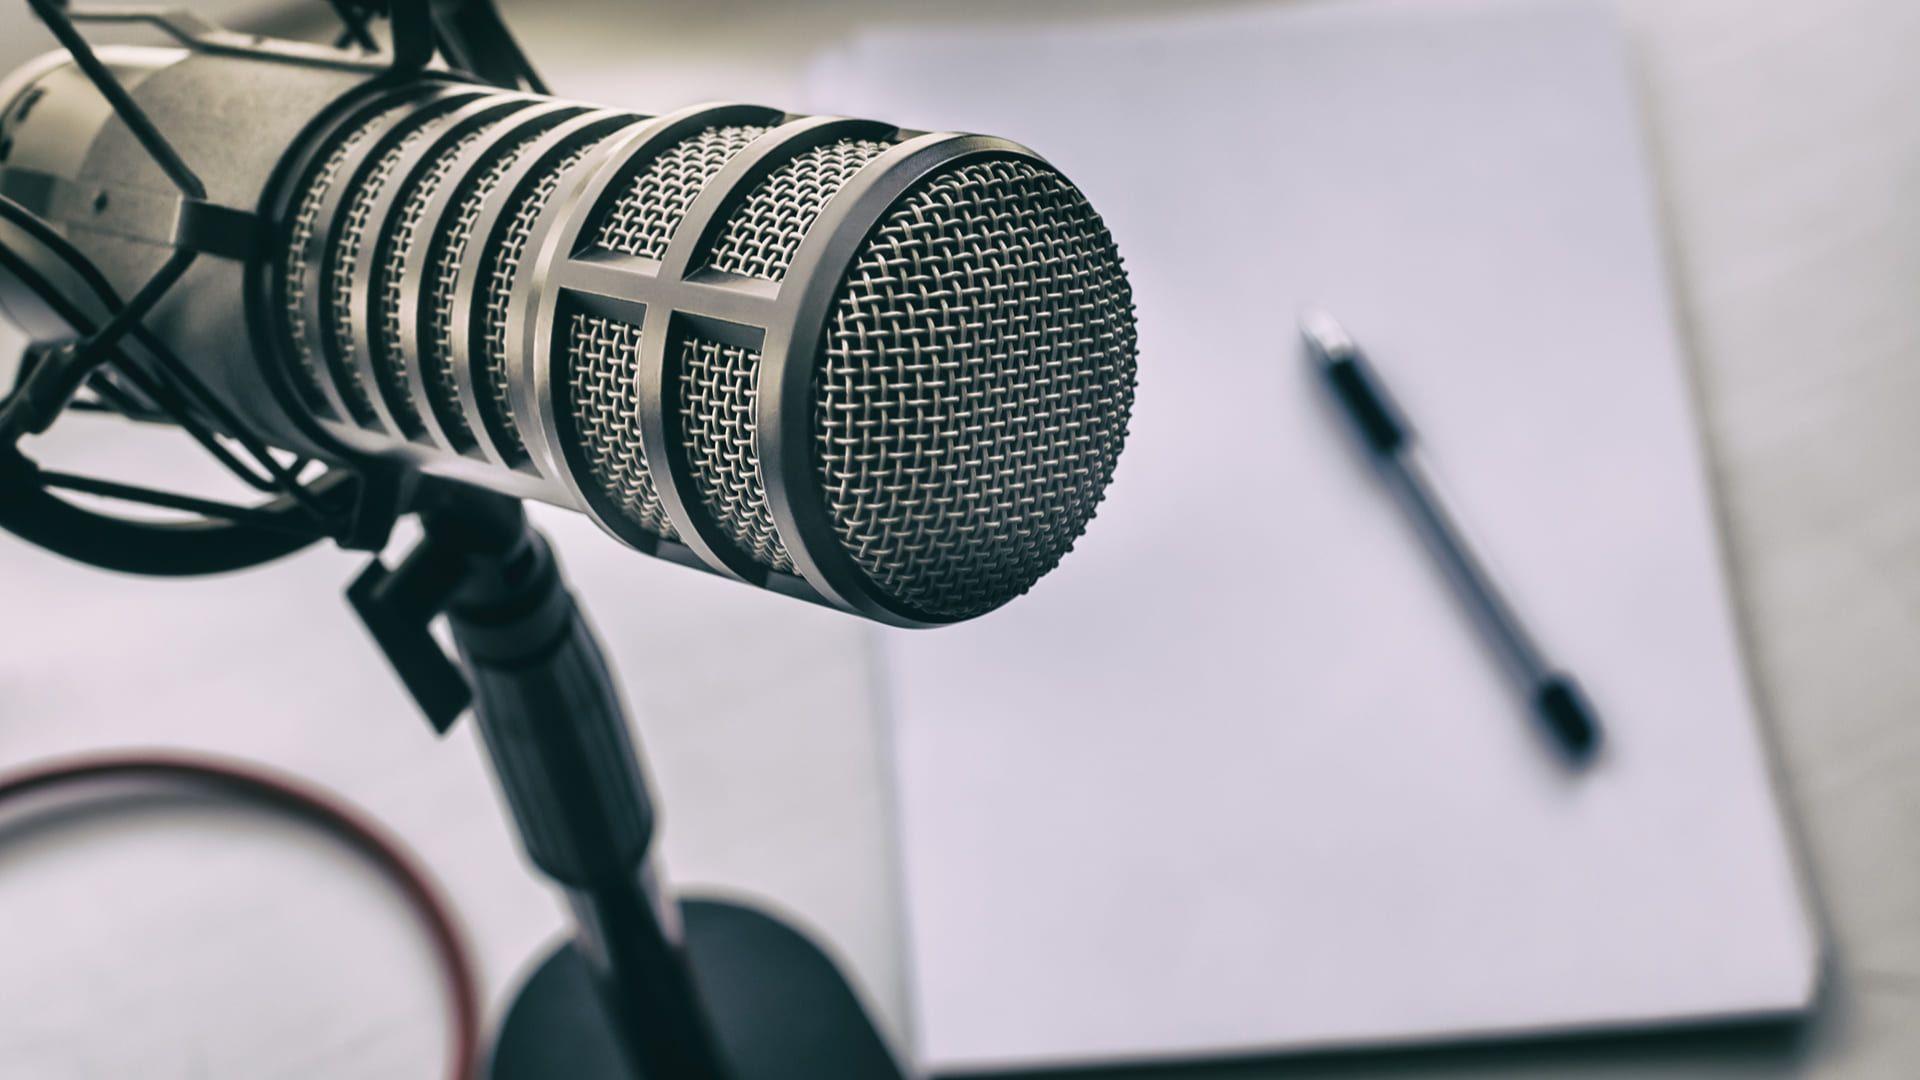 É possível fazer um podcast dentro de casa com poucos recursos (foto: Shutterstock/Andrei Diachenko)